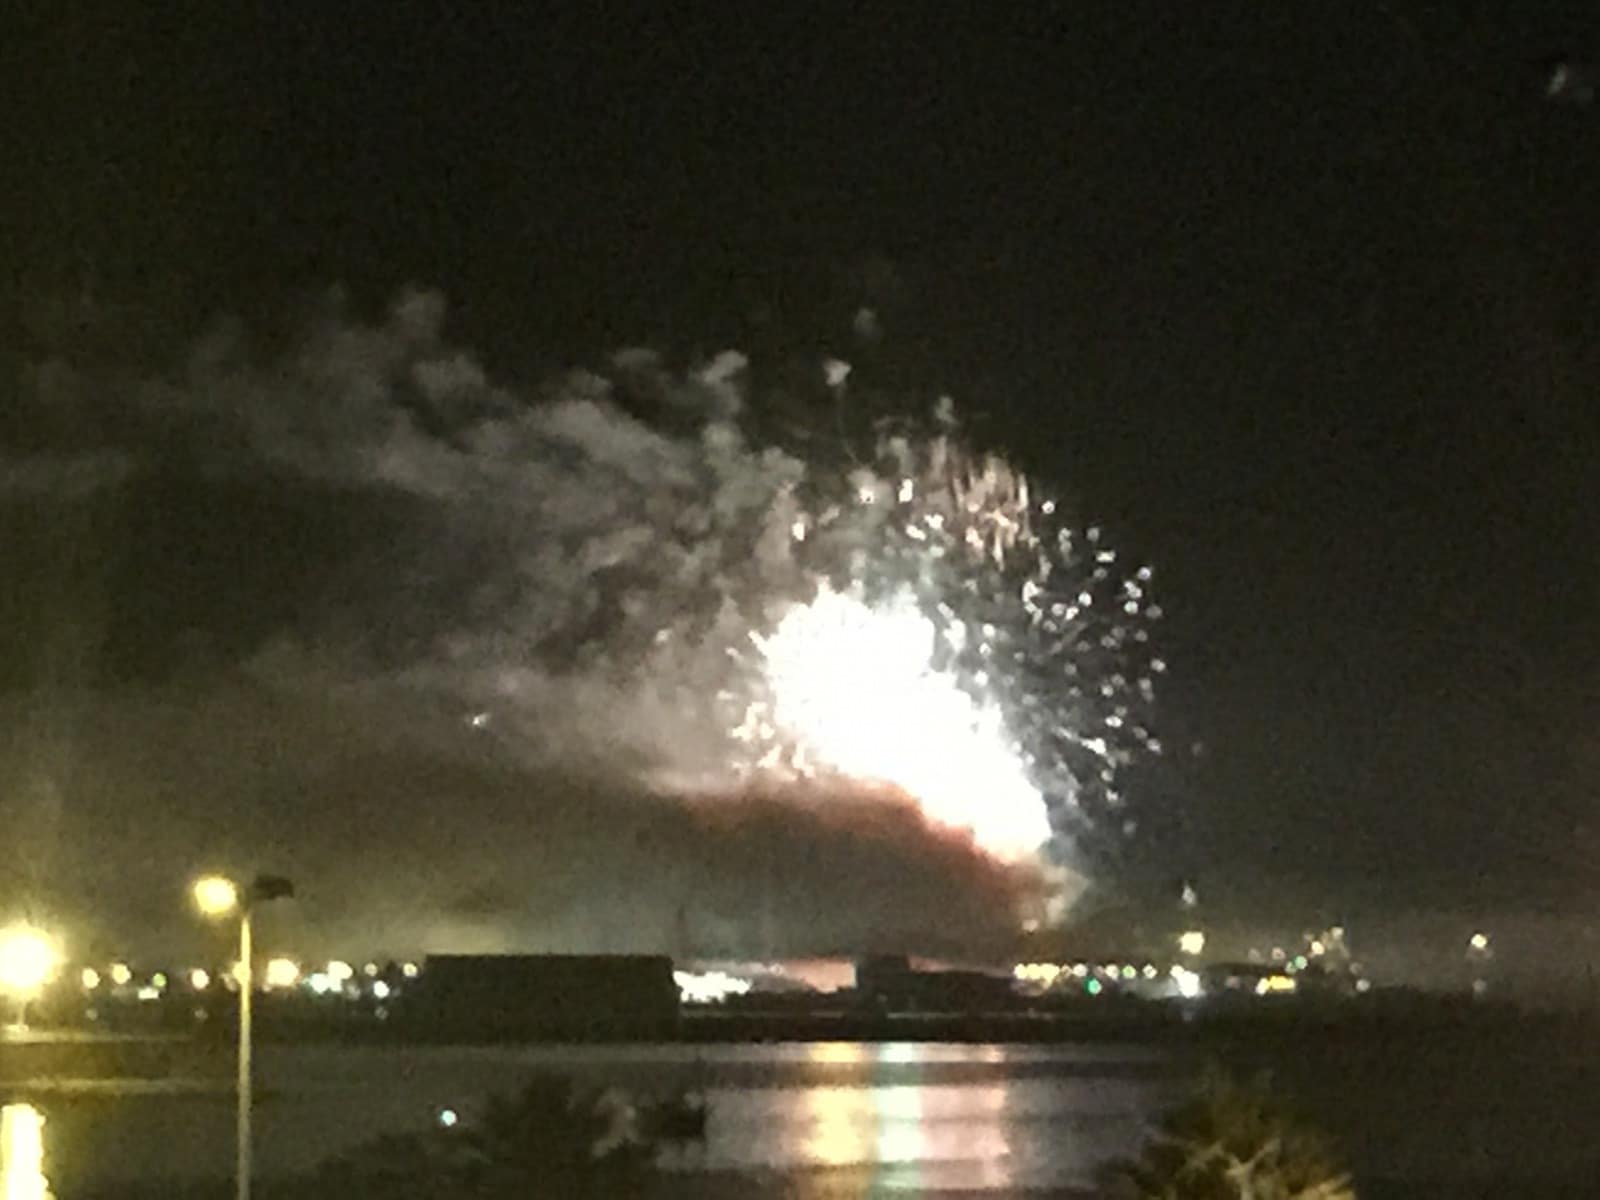 fuegos-artificiales-como-colofn-del-da-nacional-de-gibraltar-2015_22731398082_o